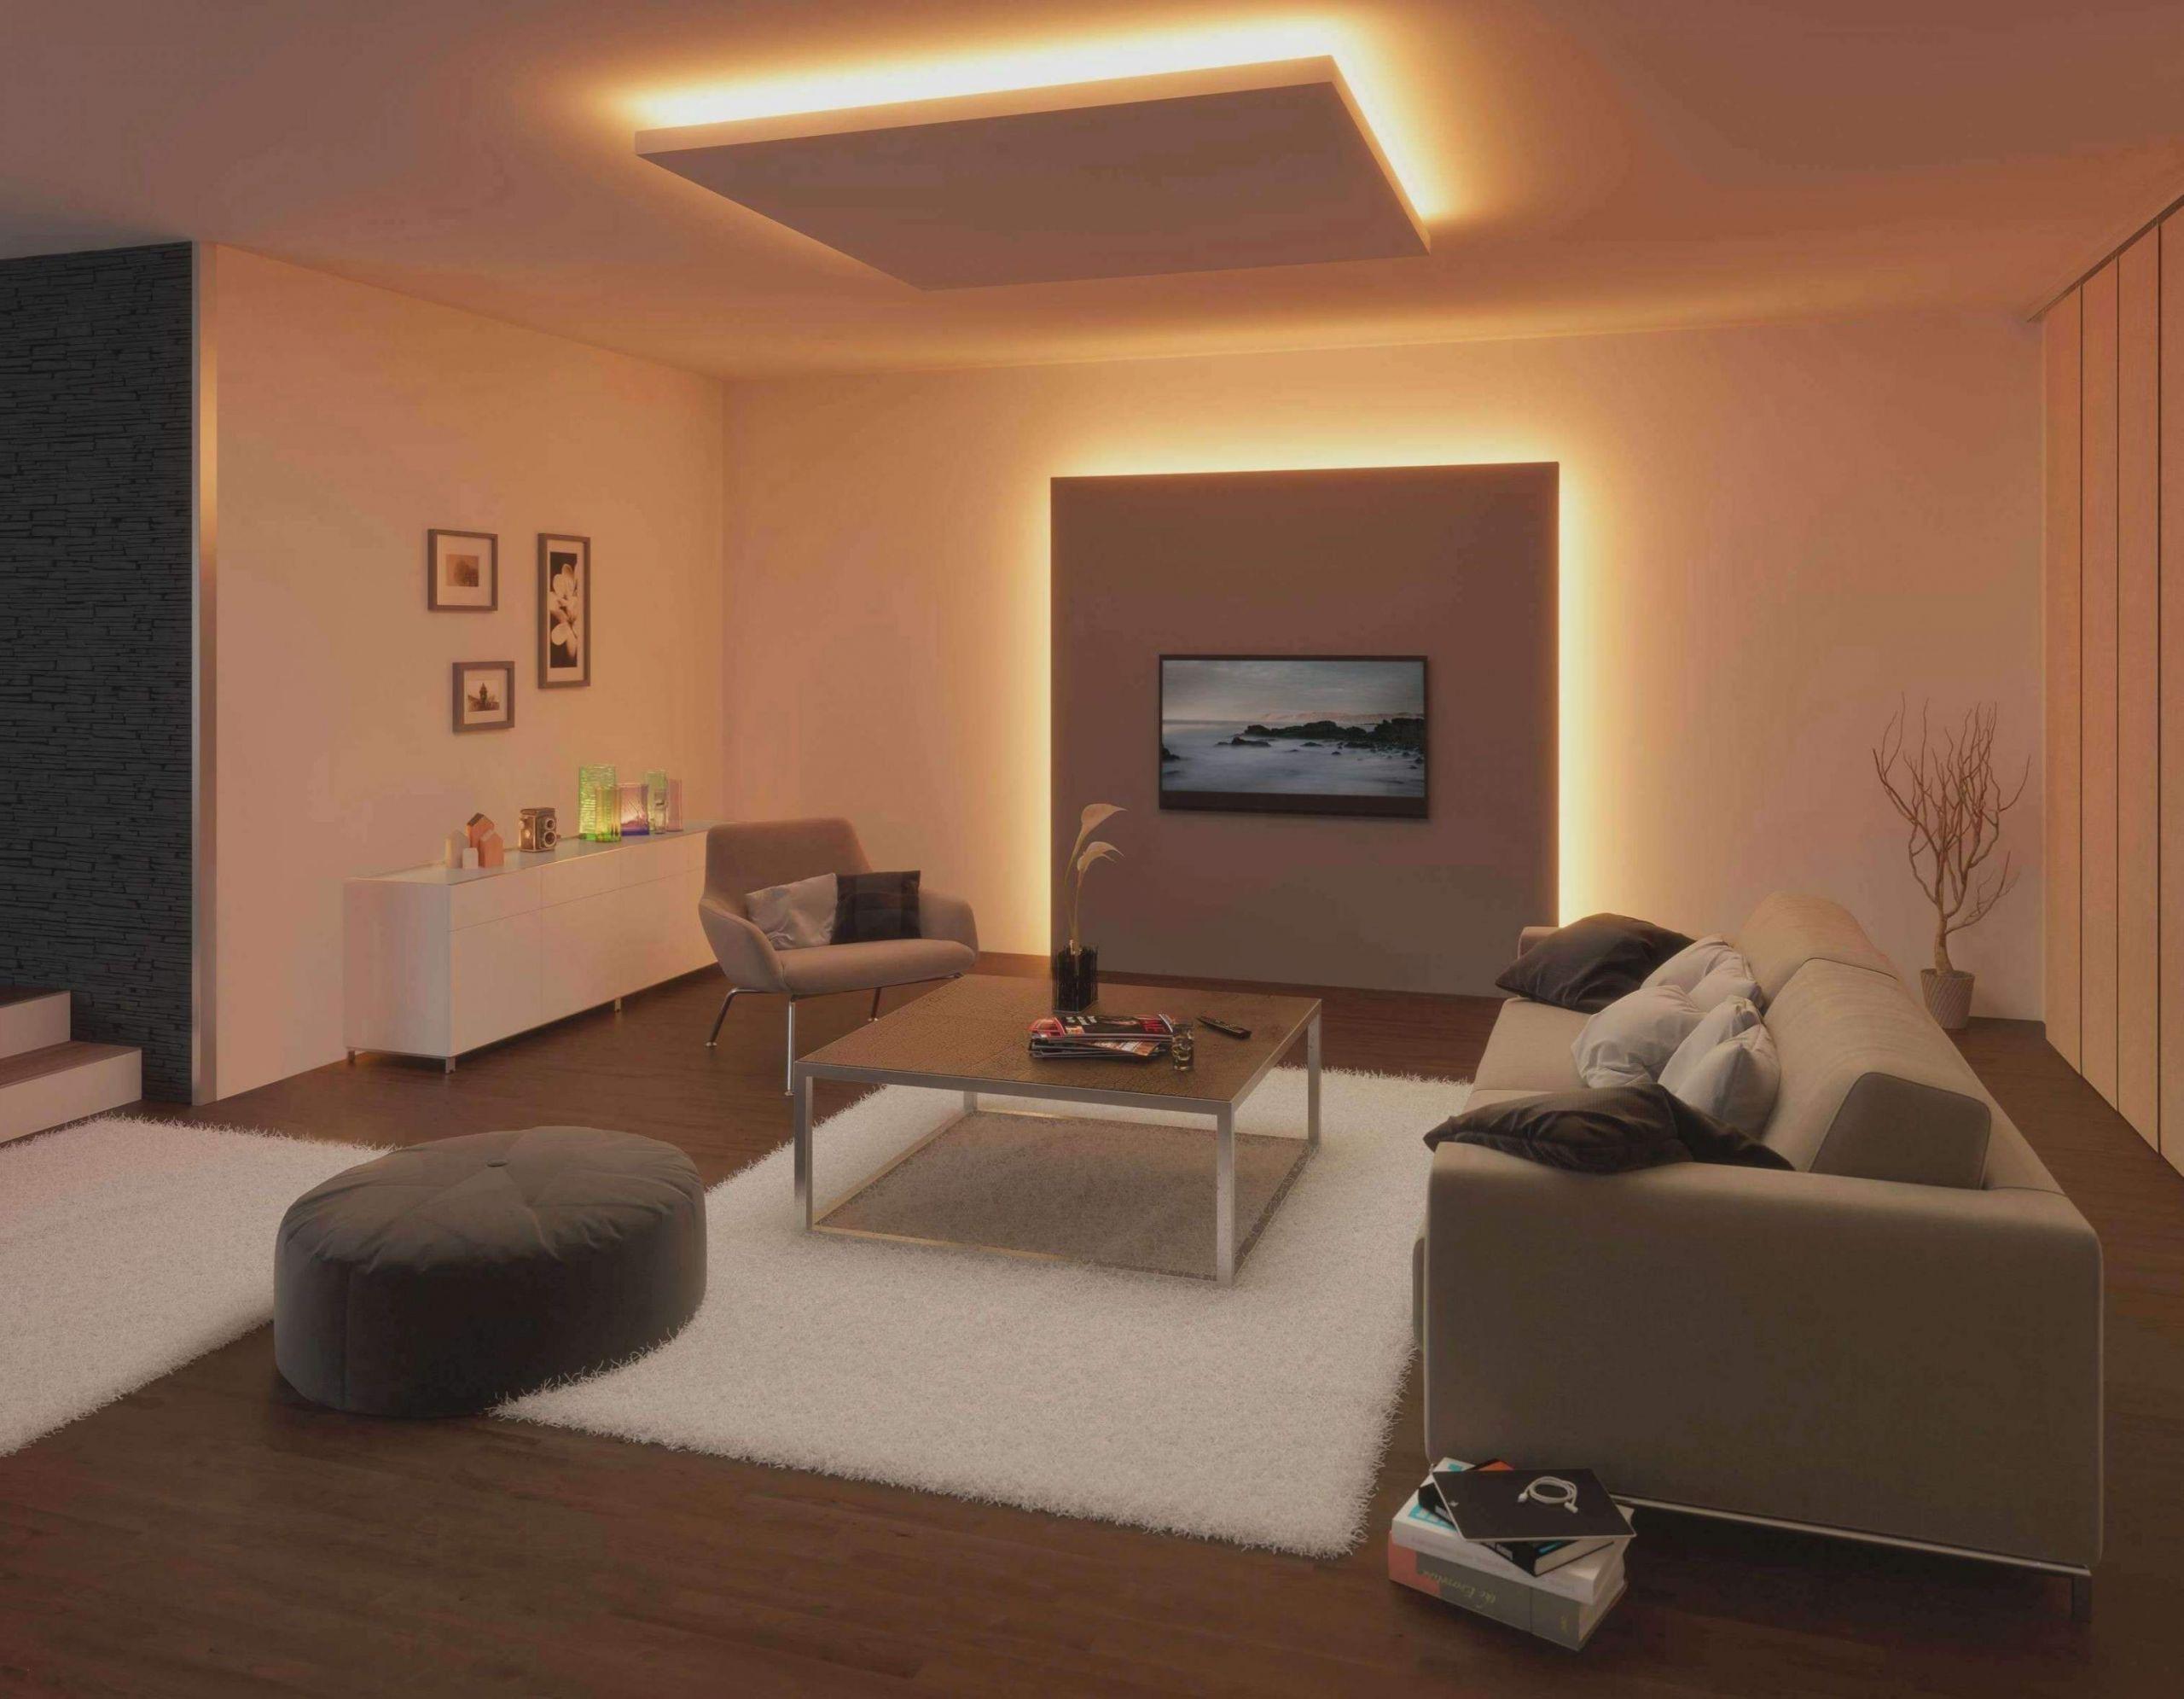 wohnzimmer neu gestalten vorher nachher neu kleines wohnzimmer vorher nachher temobardz home blog of wohnzimmer neu gestalten vorher nachher